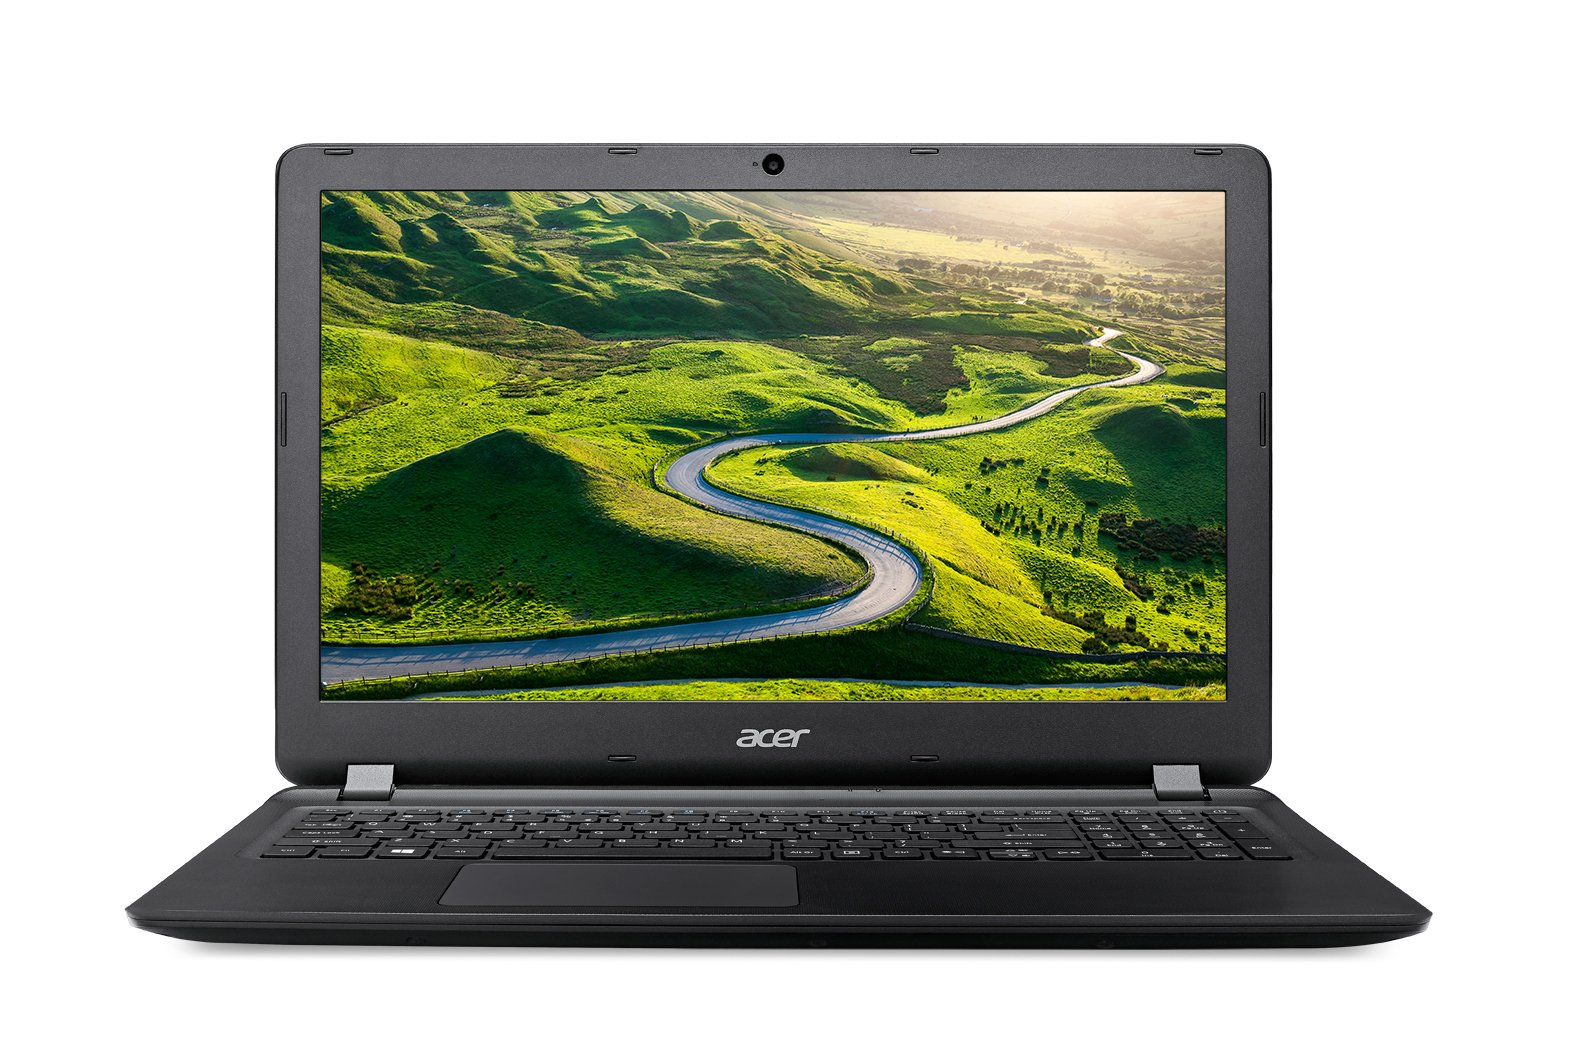 Acer Aspire ES 15 15,6/i3-6006U/4G/128SSD/W10 černý